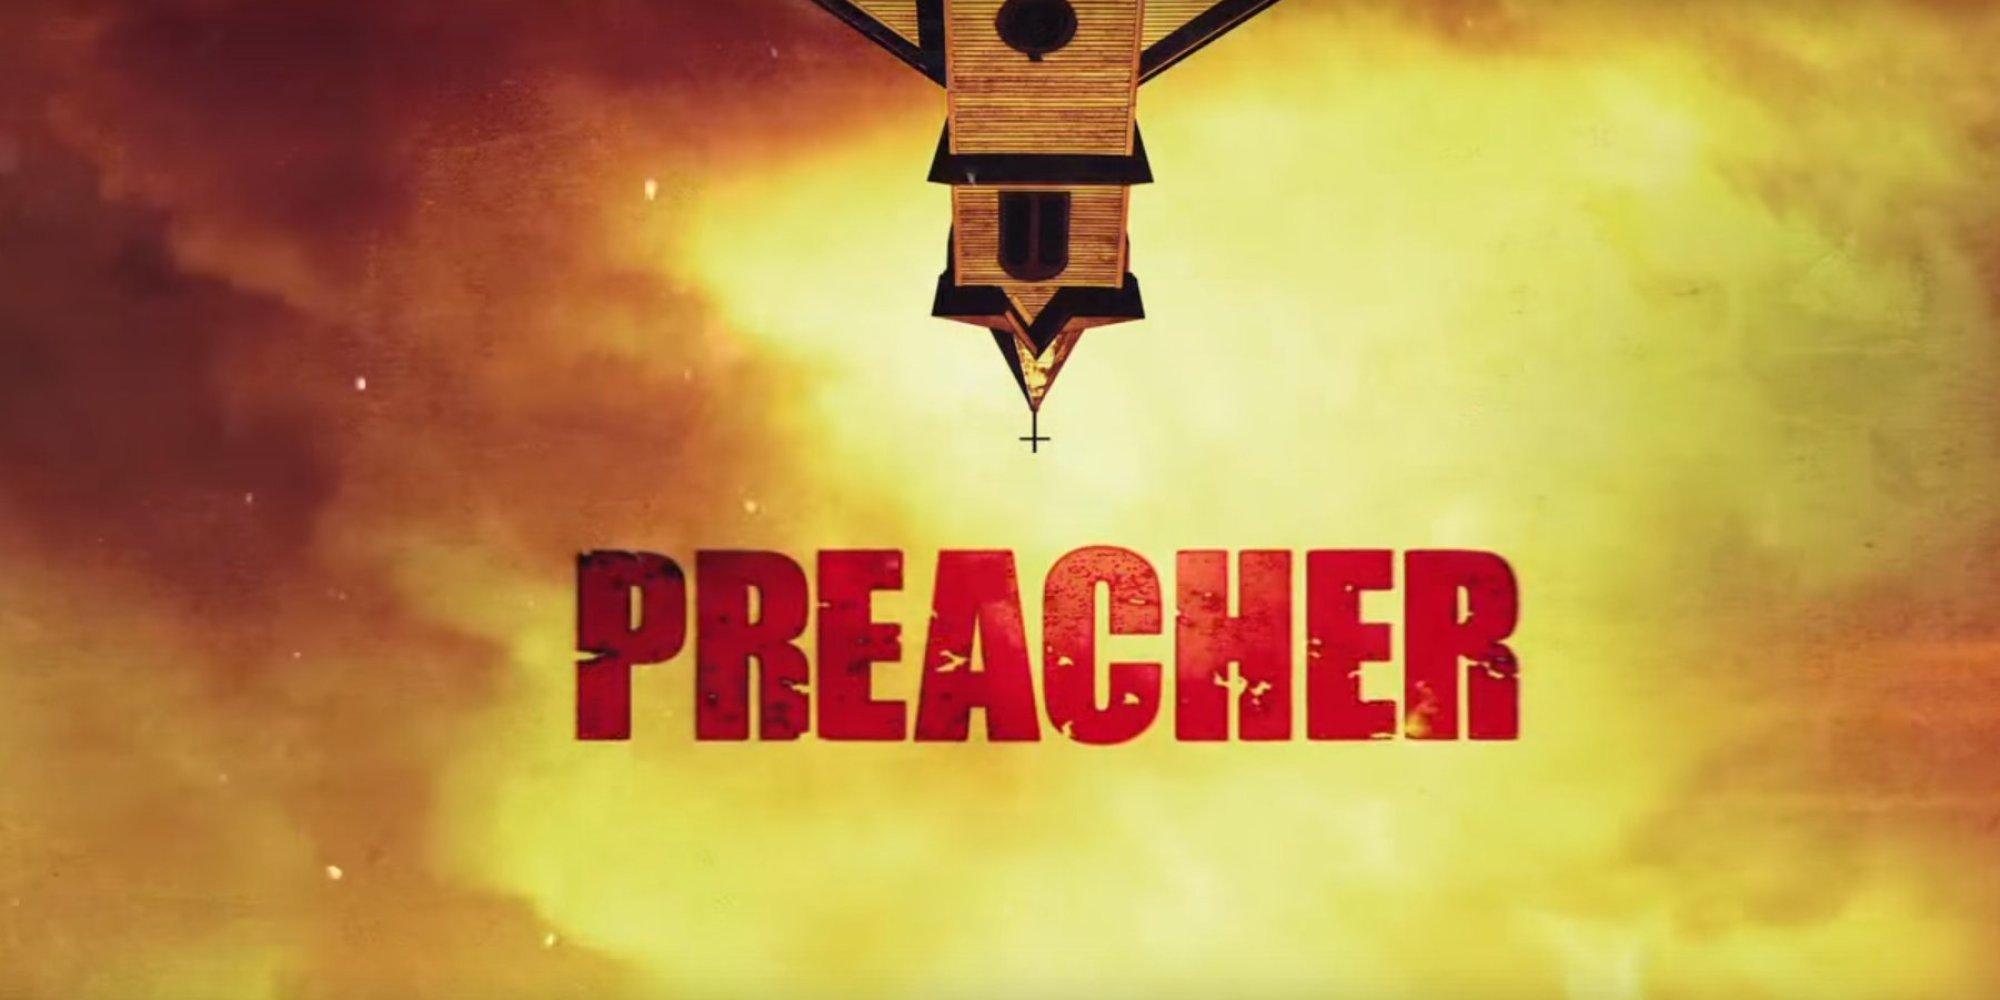 Preacher O-PREACHER-SERIE-TV-facebook